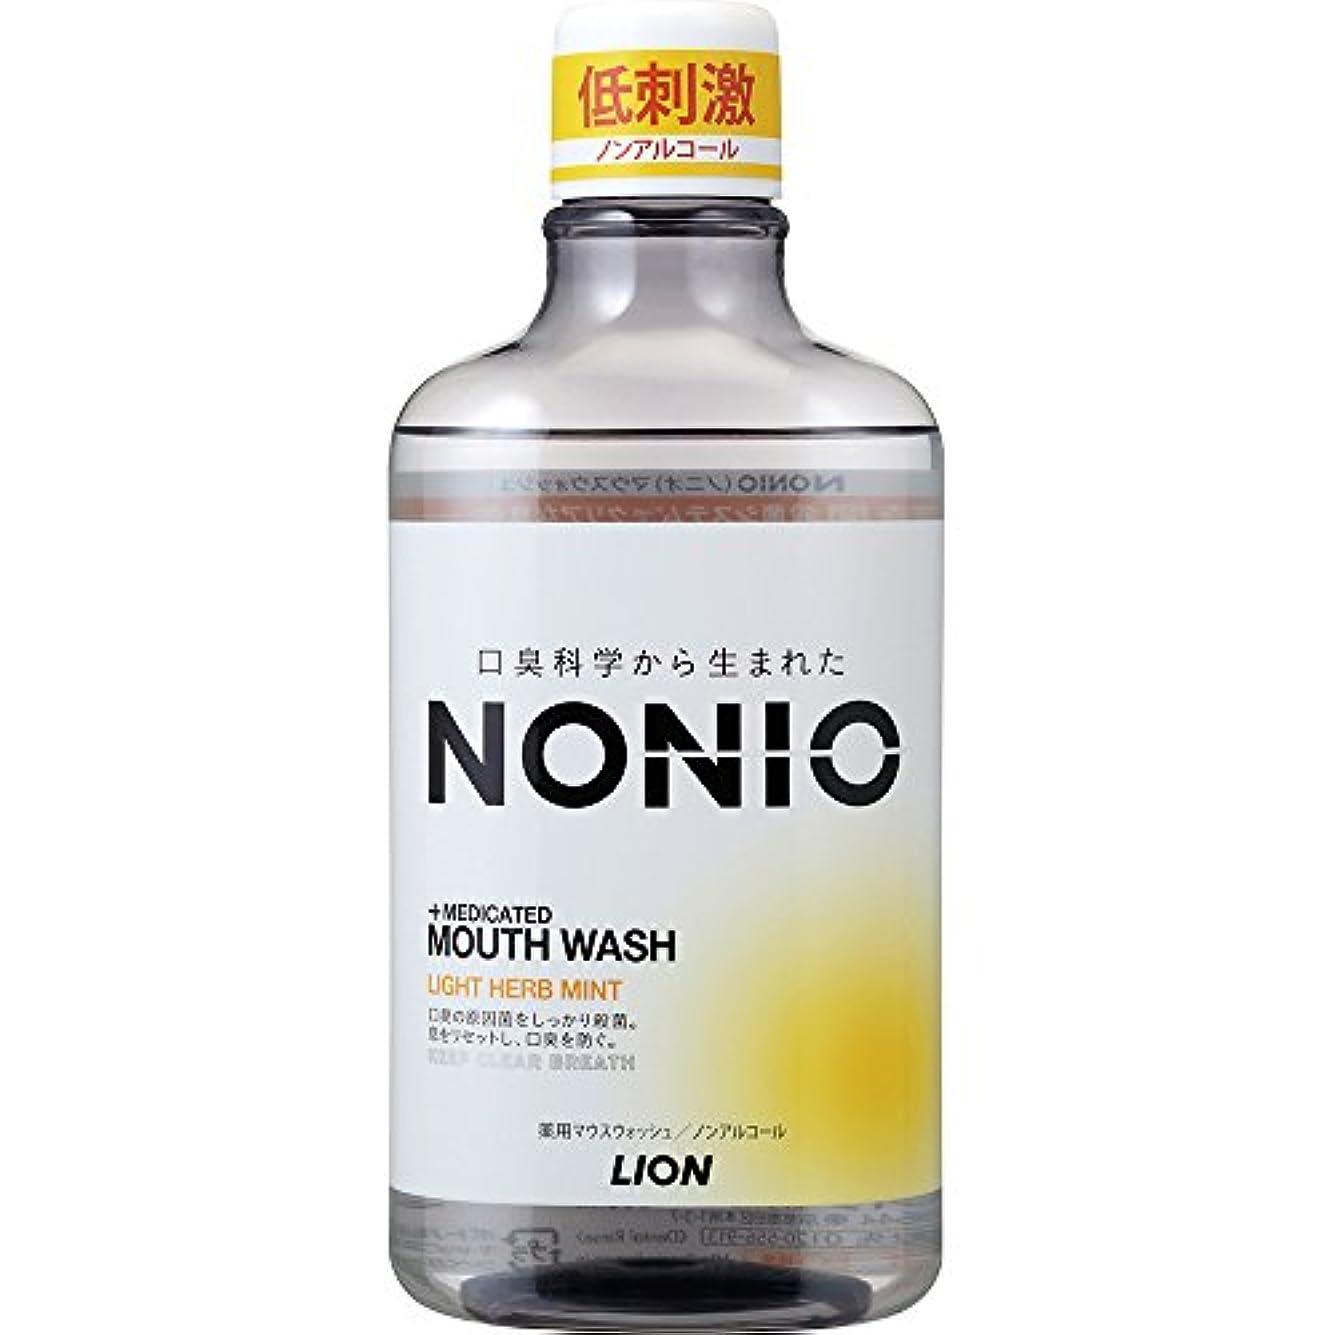 シネマ欠陥失われた[医薬部外品]NONIO マウスウォッシュ ノンアルコール ライトハーブミント 600ml 洗口液